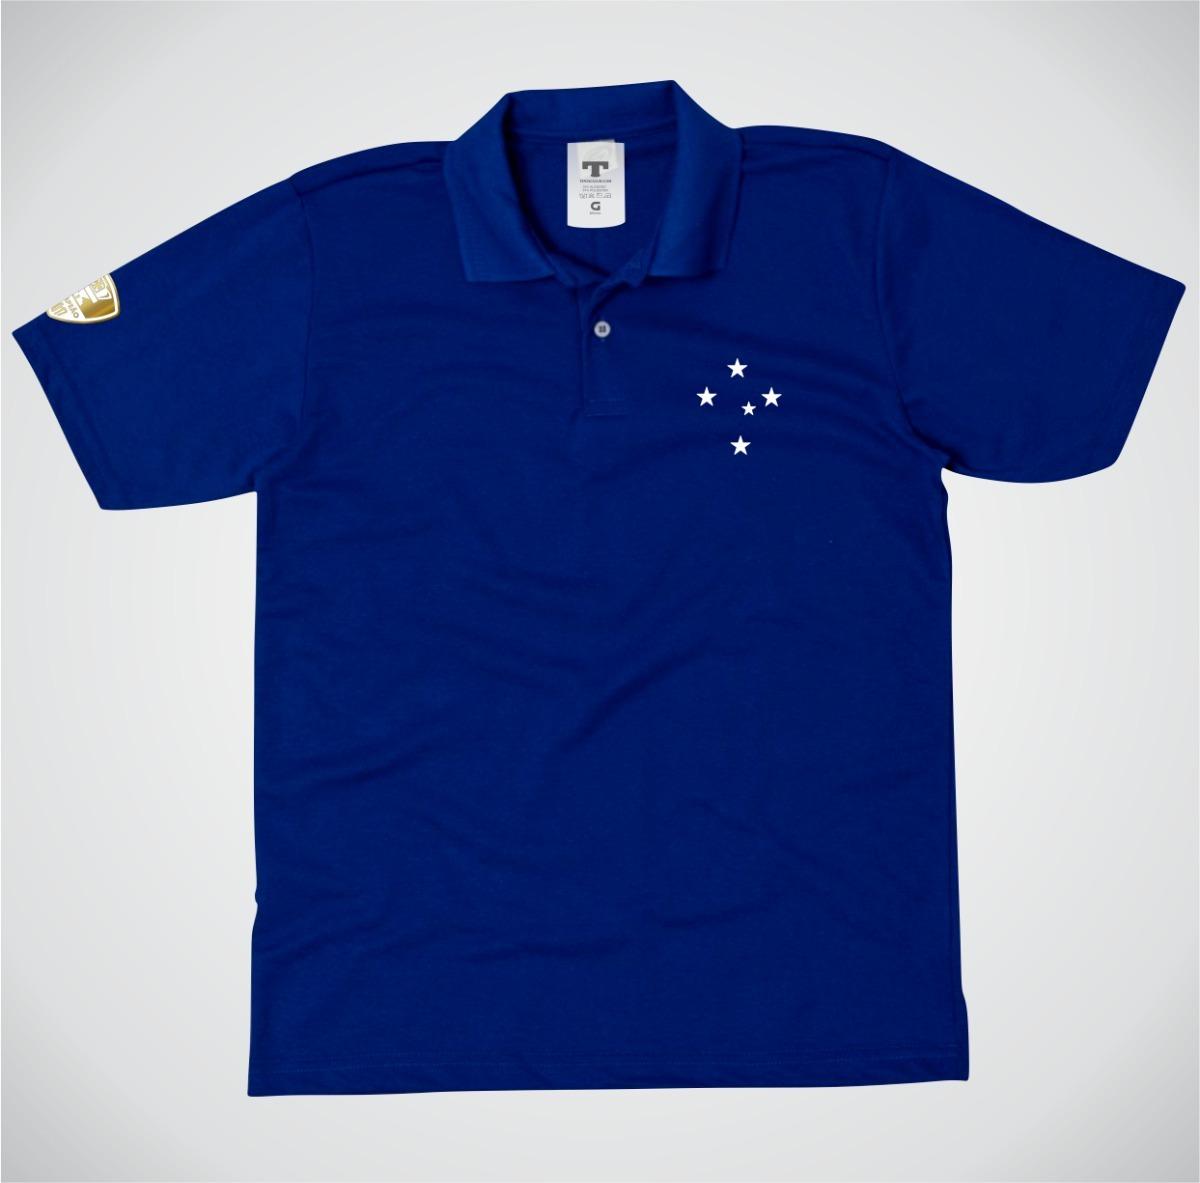 050c7f5416 Camisa Polo Cruzeiro